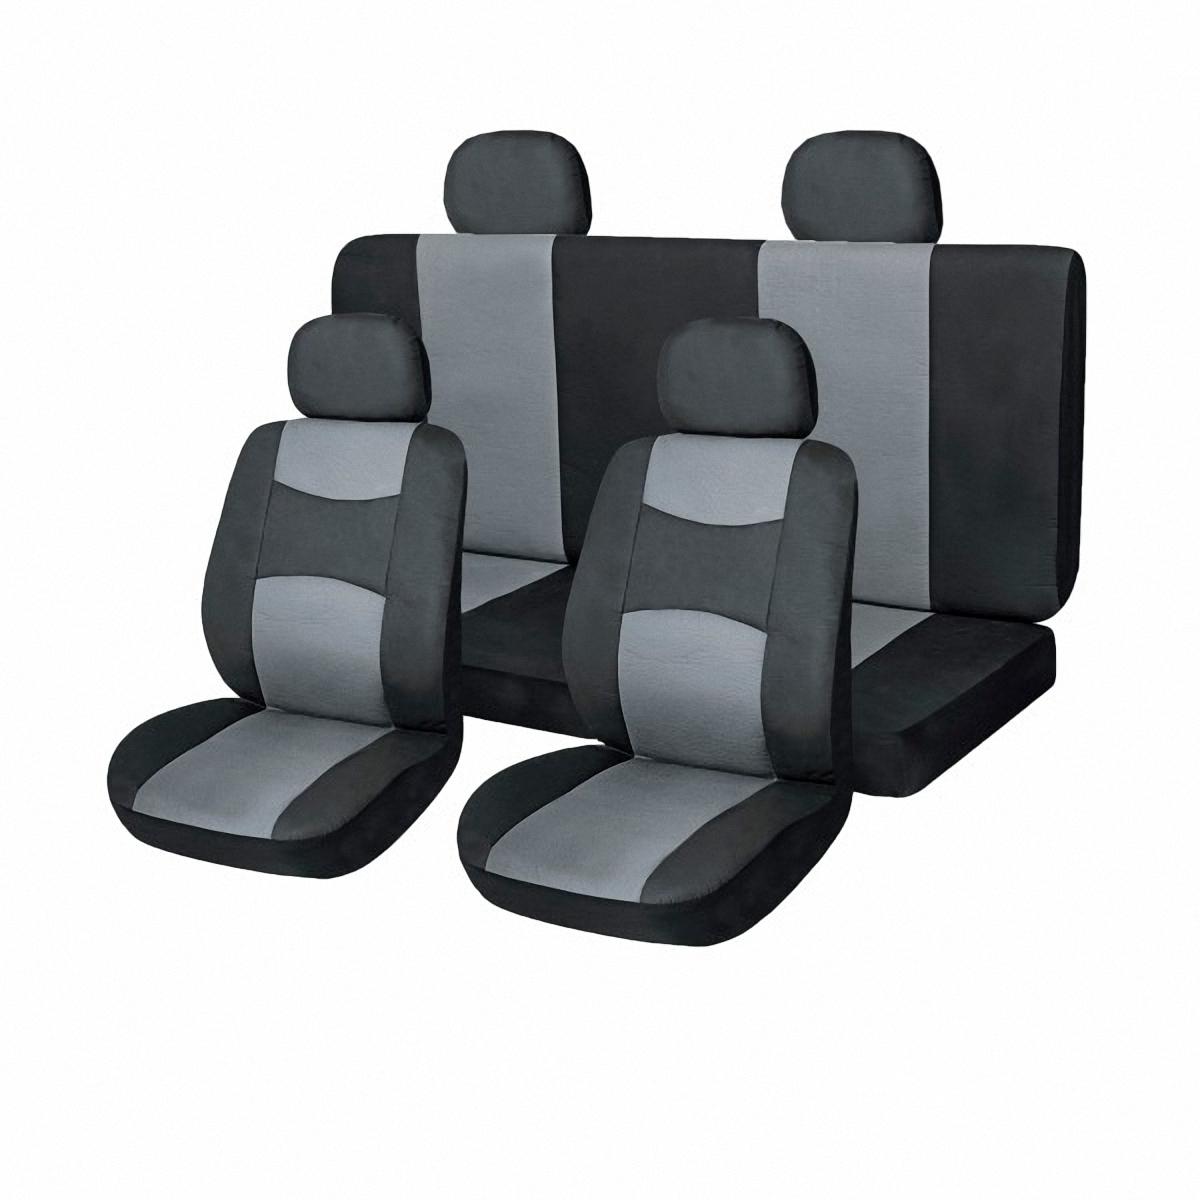 Чехлы автомобильные Skyway. SW-101046 BK/GY S/S01301013SW-101046 BK/GY S/S01301013Комплект классических универсальных автомобильных чехлов Skyway изготовлен из искусственной кожи. Чехлы защитят обивку сидений от вытирания и выцветания. Благодаря структуре ткани, обеспечивается улучшенная вентиляция кресел, что позволяет сделать более комфортными долгое пребывание за рулем во время дальней поездки.